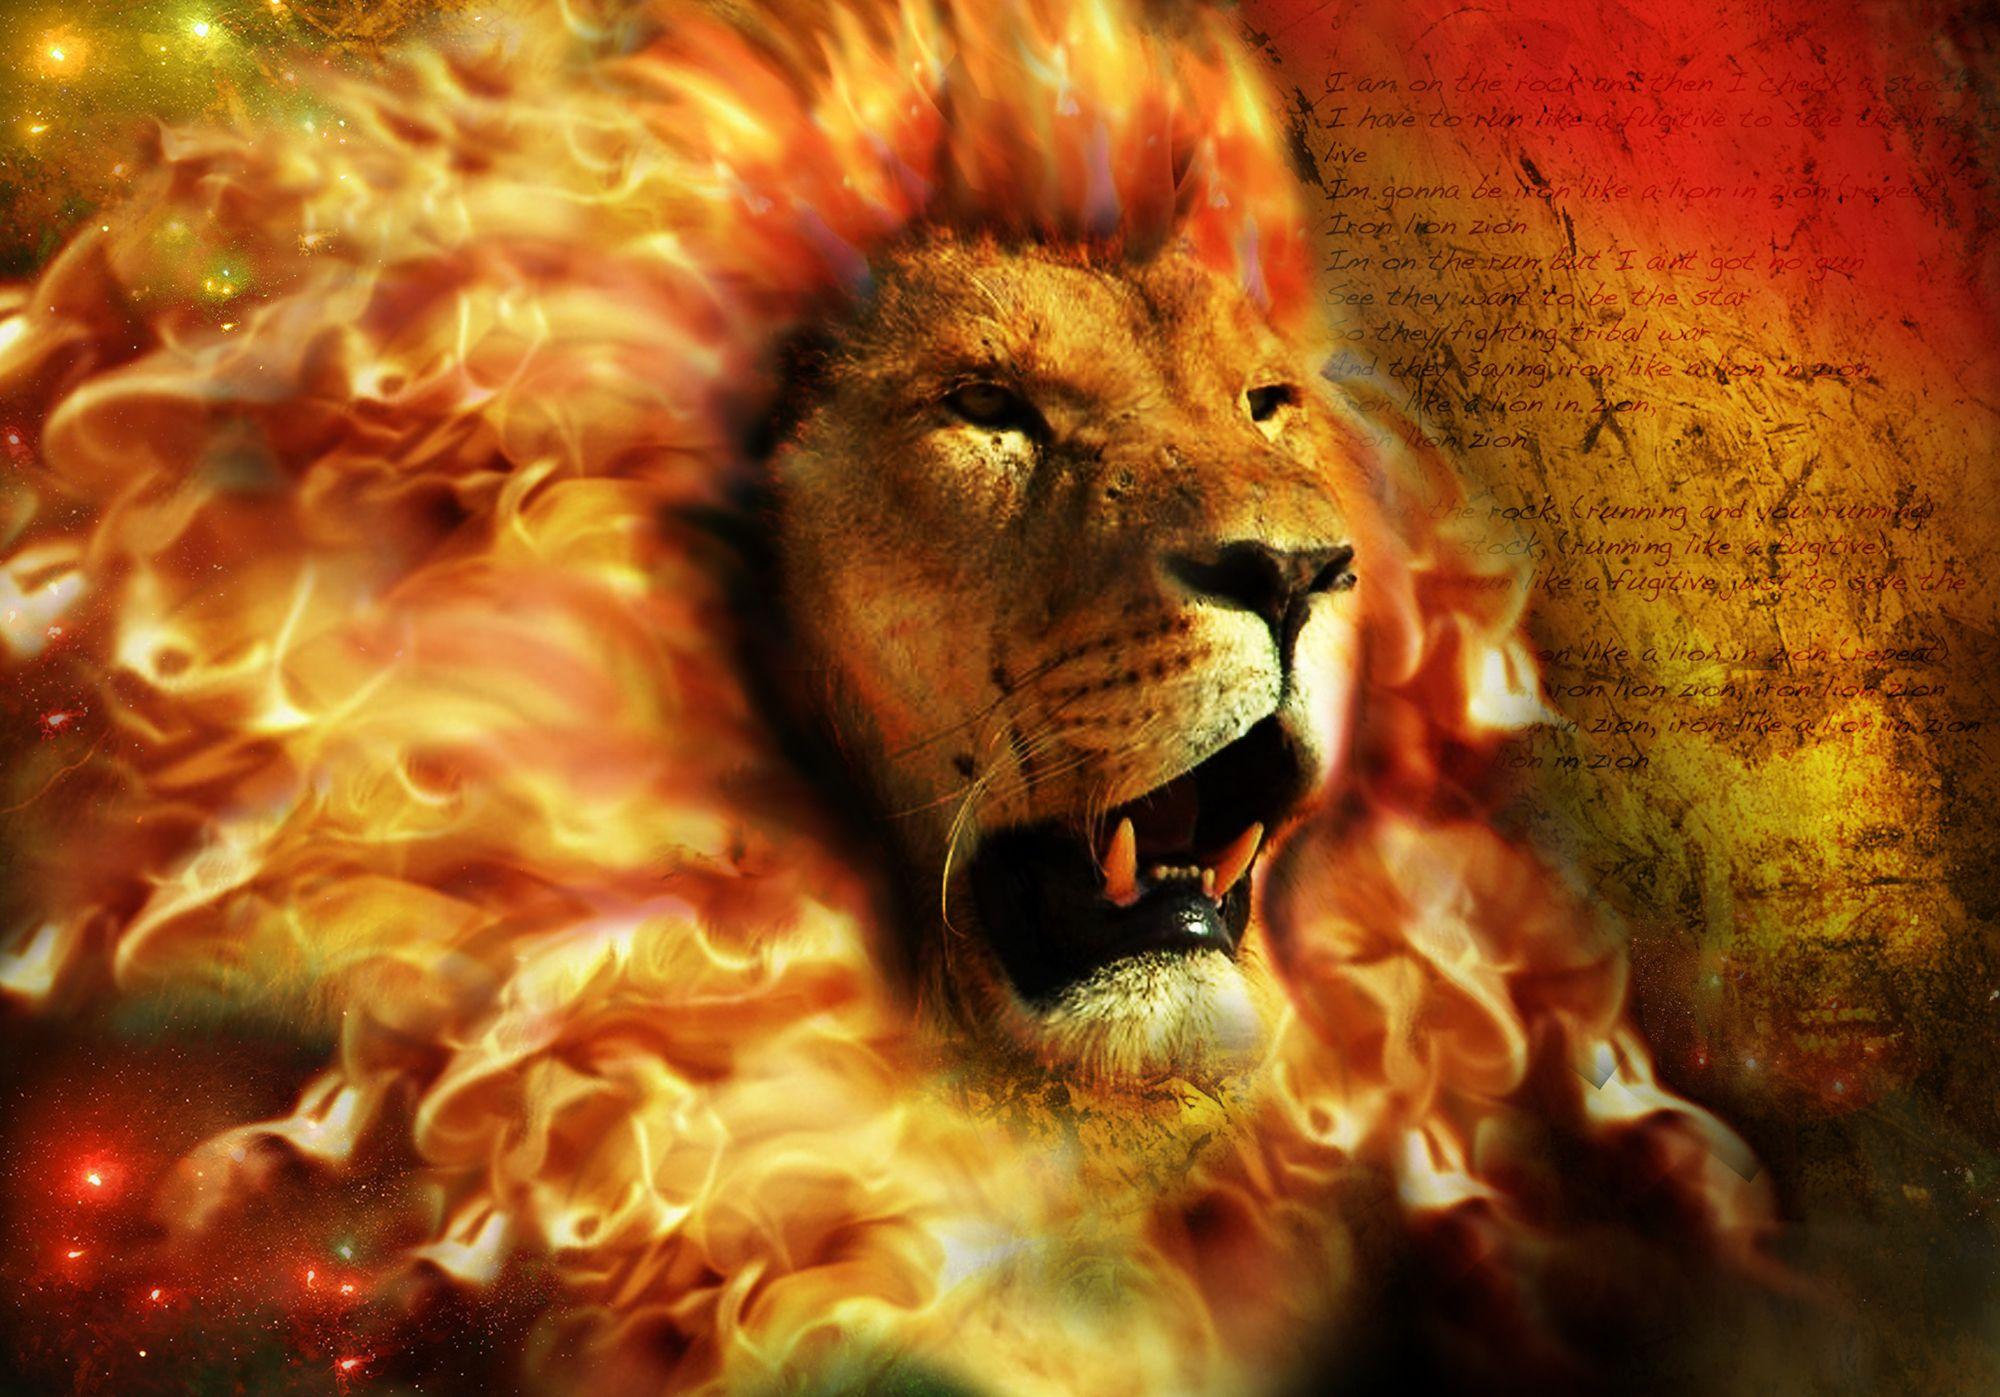 lion fire wallpaper